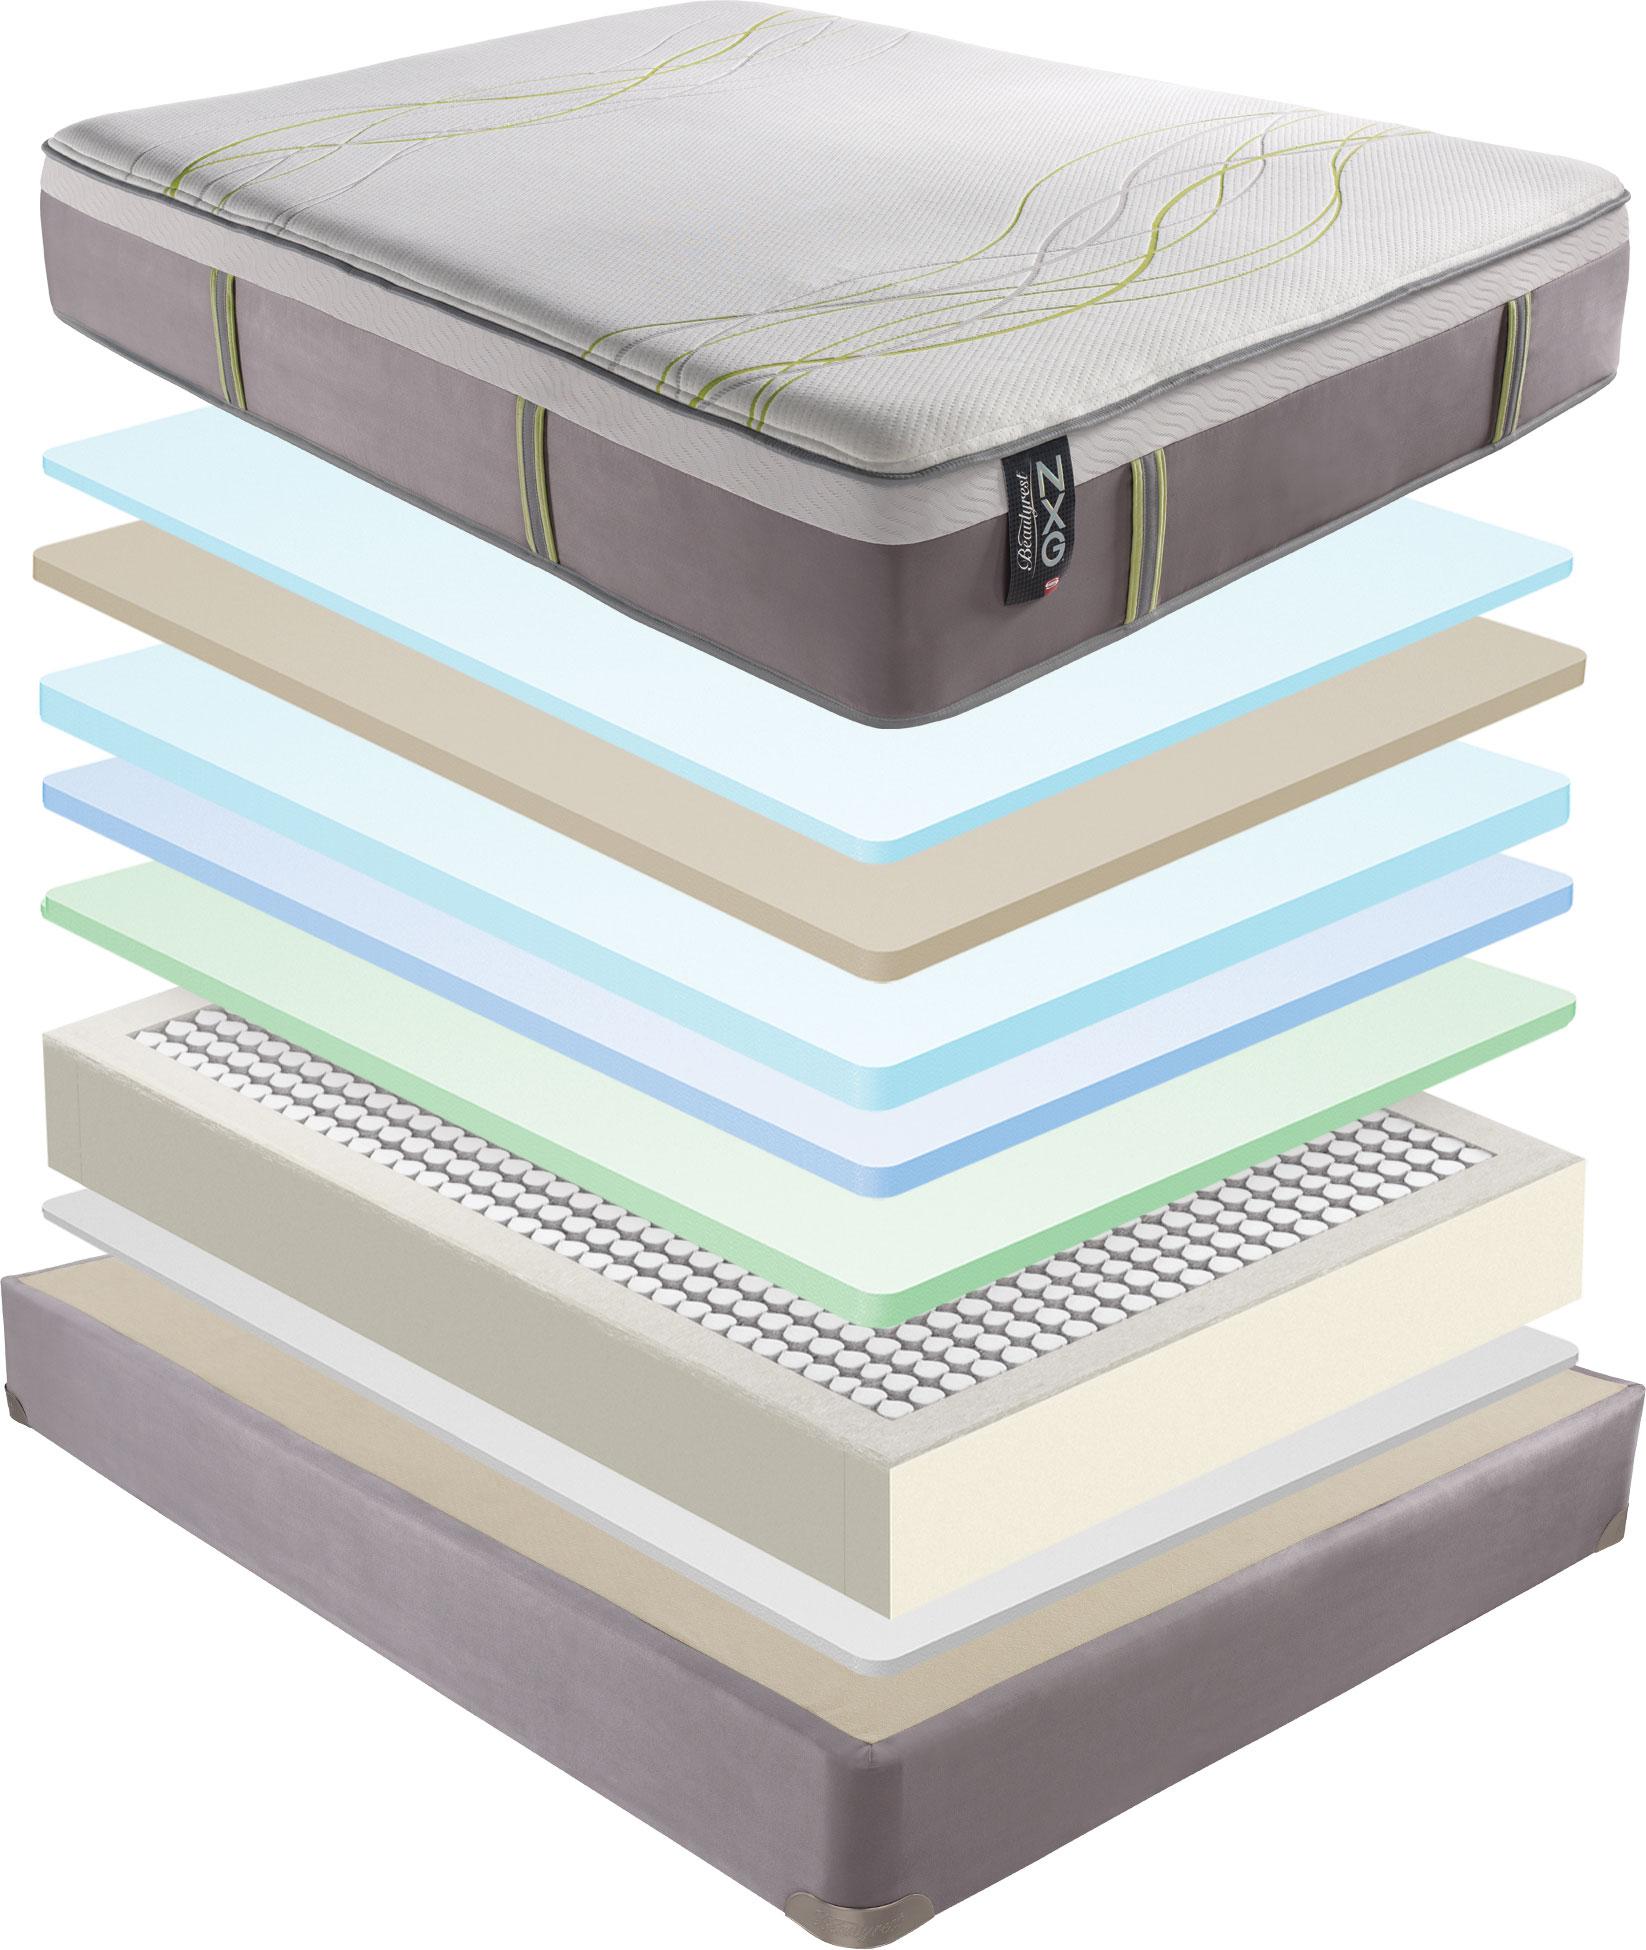 Simmons Beautyrest NXG 400 Firm Pillow Top Mattress